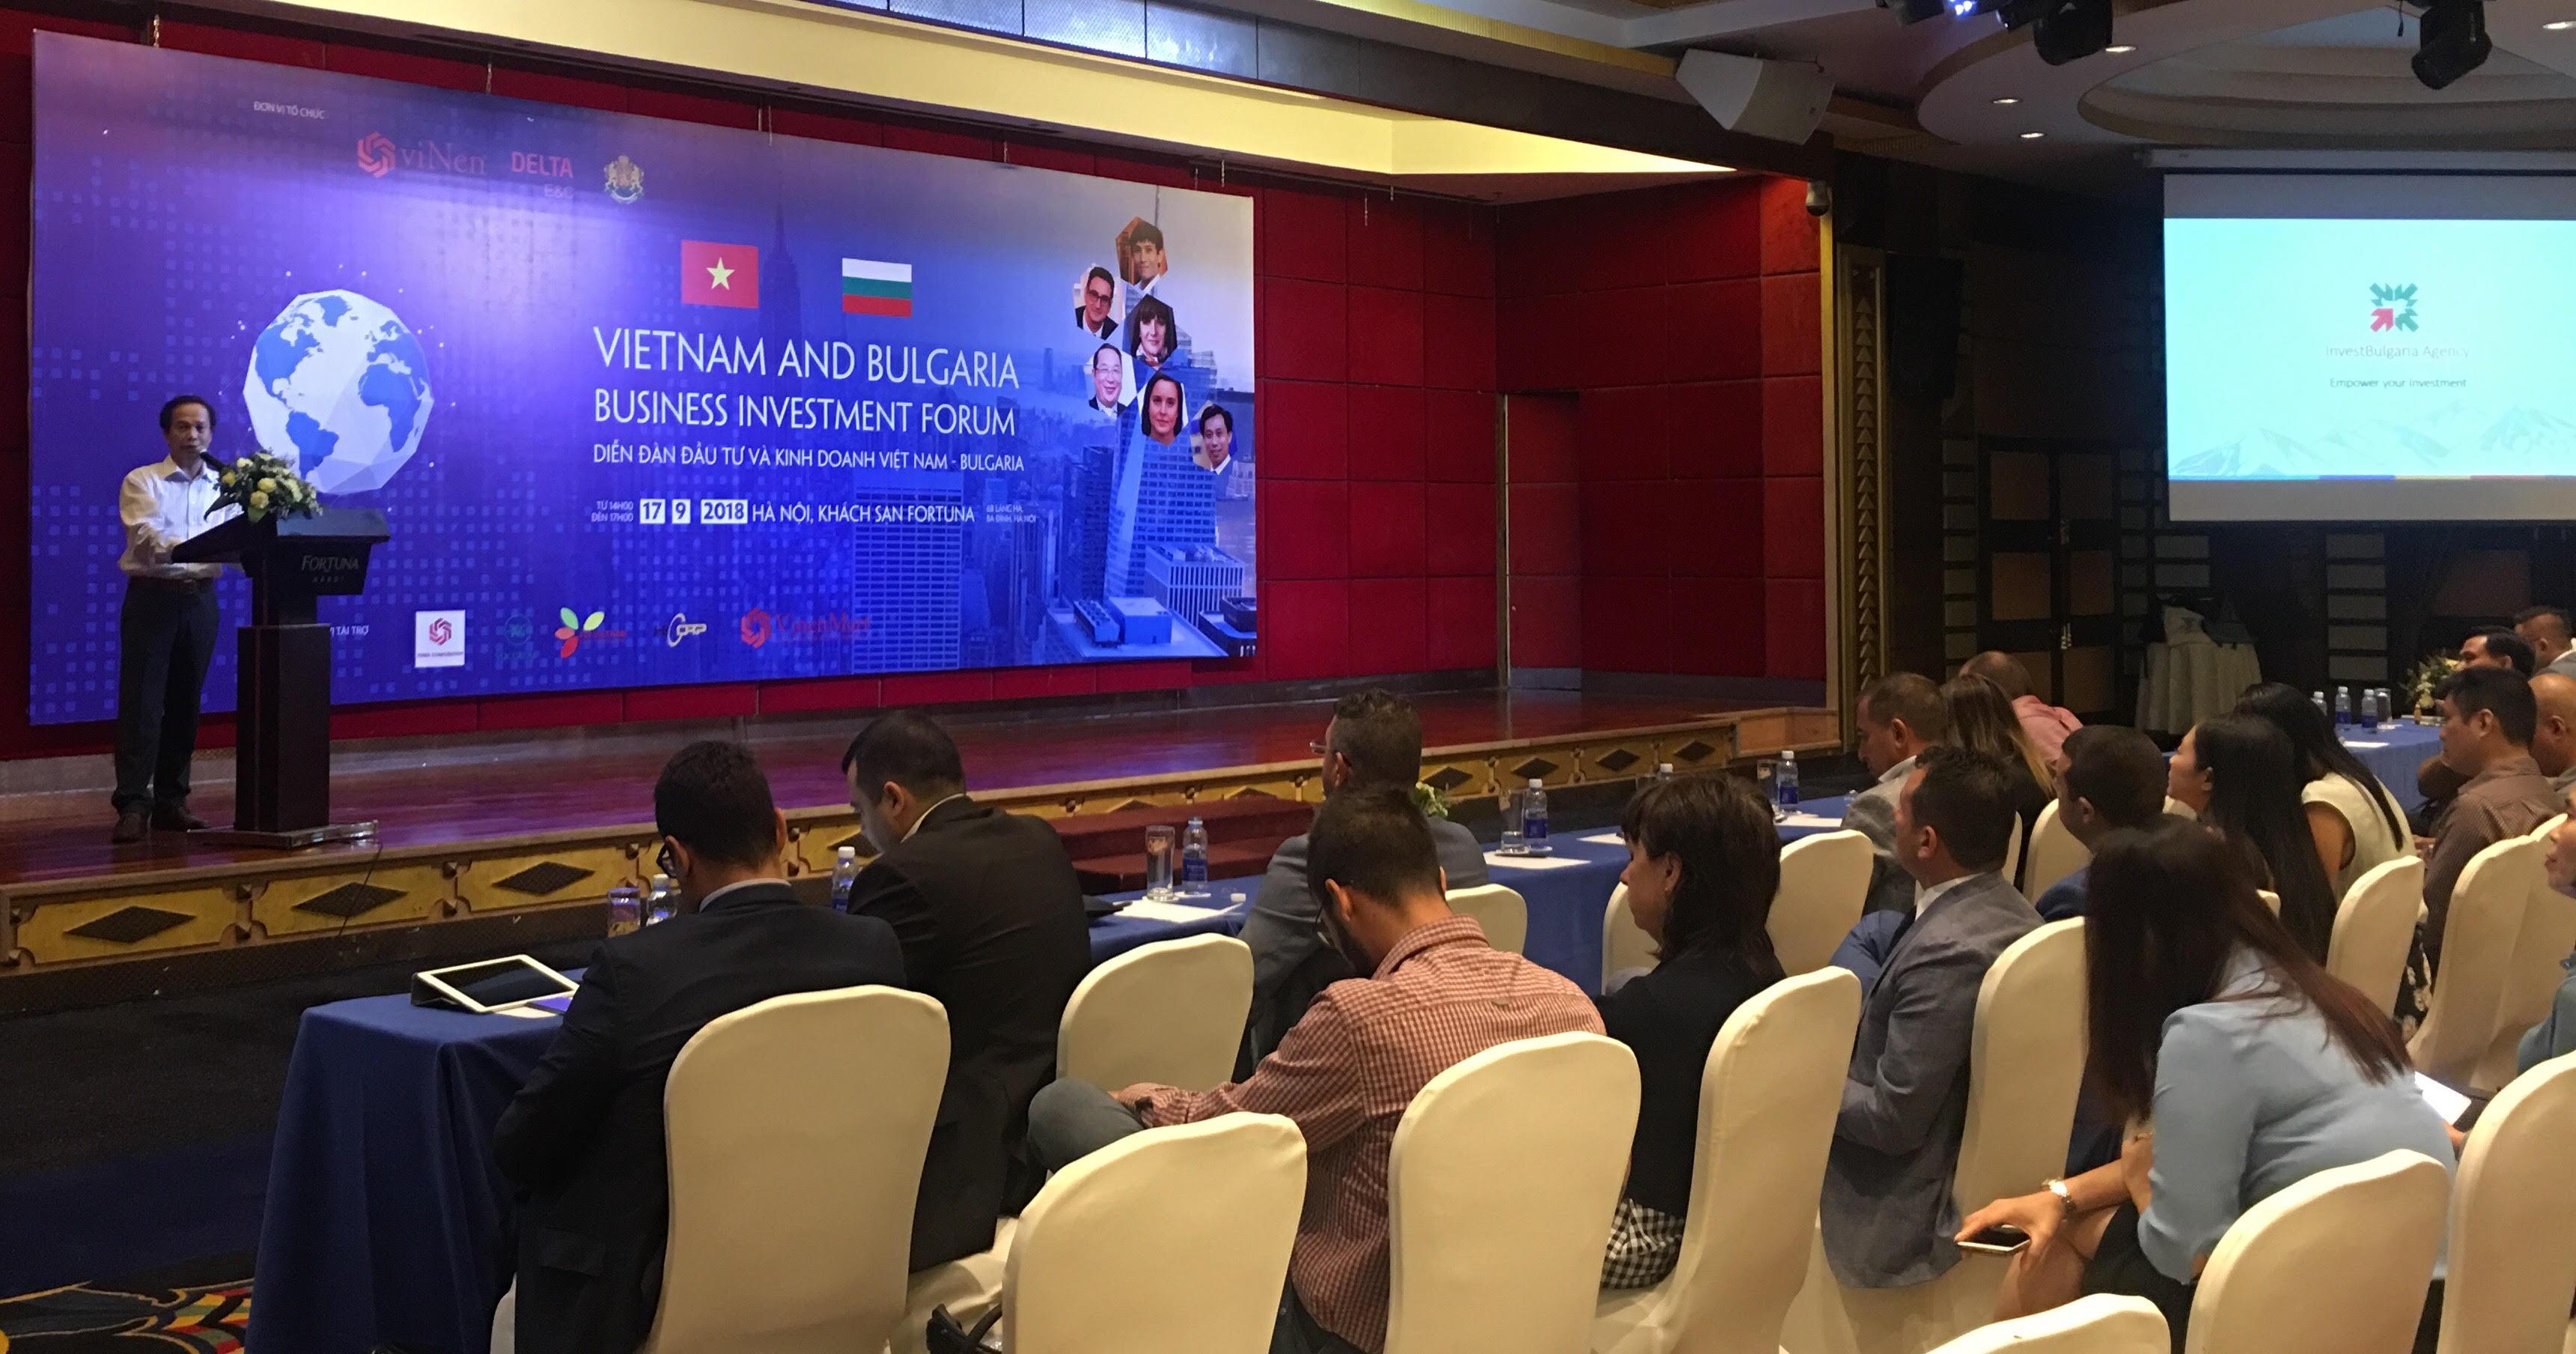 加强越南和保加利亚企业的合作